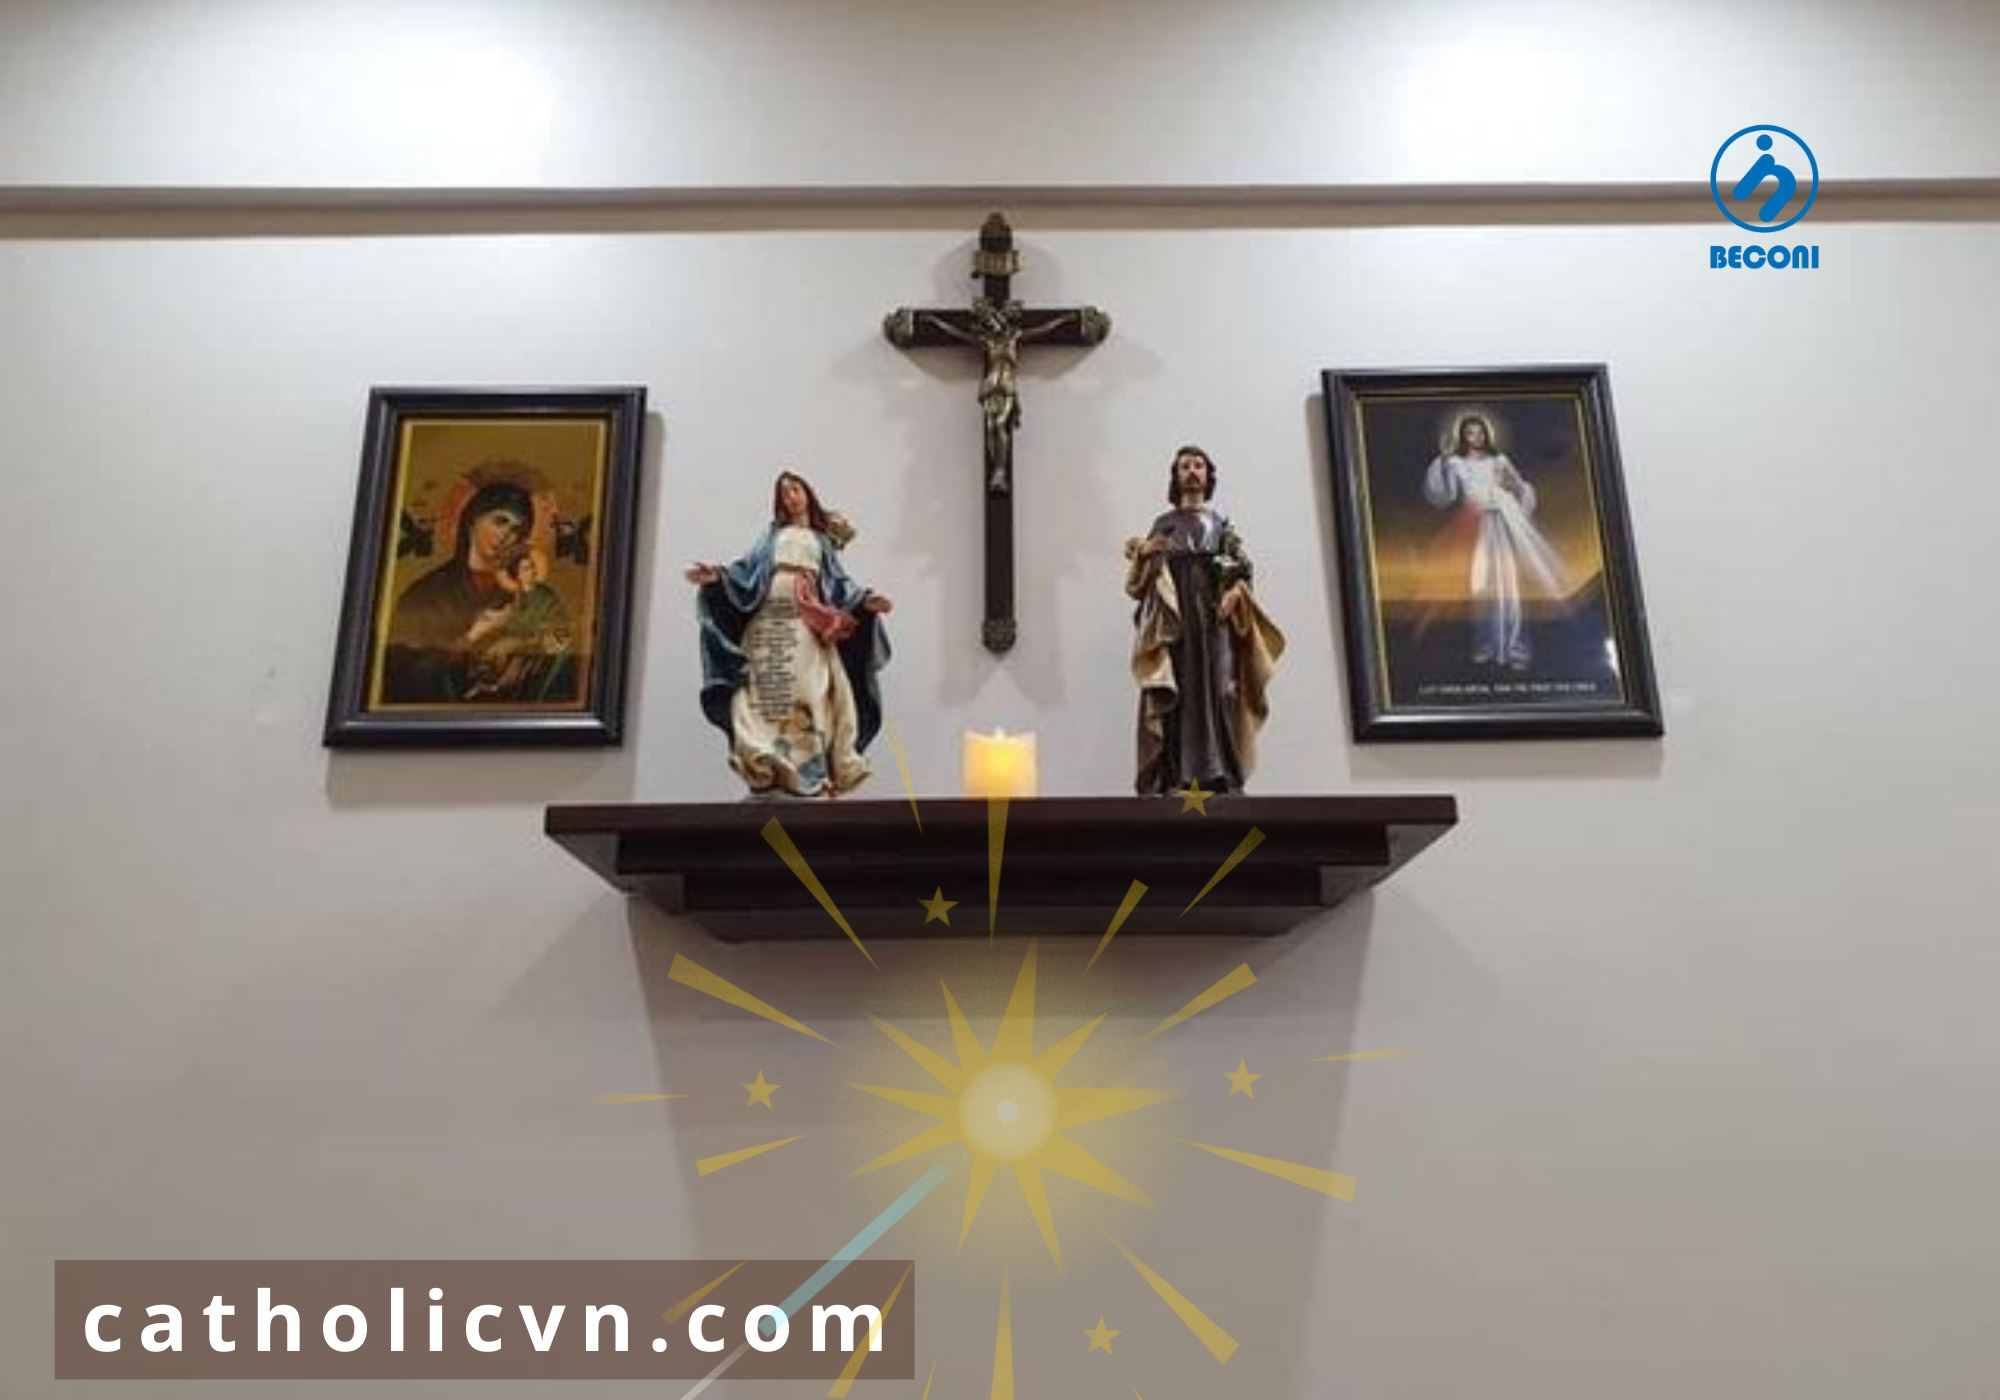 Bàn Thờ Chúa – Ảnh Tượng Công Giáo tại Thái Bình – Mẫu đẹp